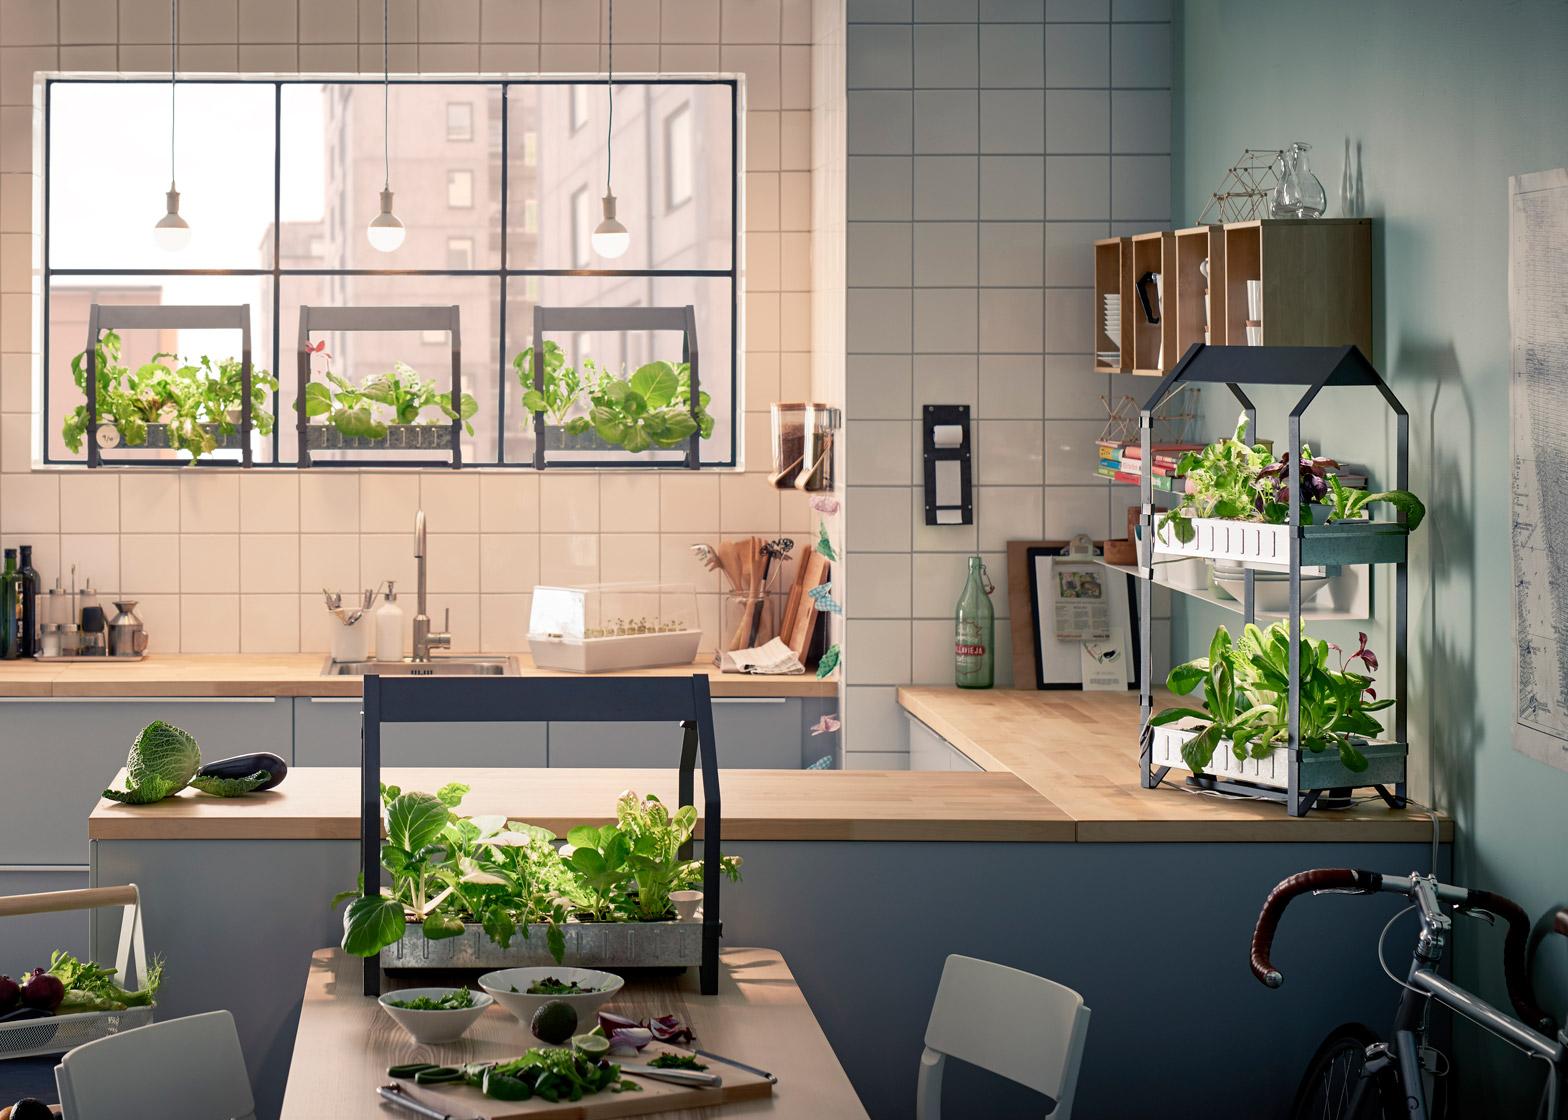 Keukentrends 2017 - zelfgekweekte groenten en kruiden in de tuin met de hydrocultuur kweeksets uit de VÄXER serie en de KRYDDA serie. Indoor Gardening #trend #keuken #groen #moestuin #ikea